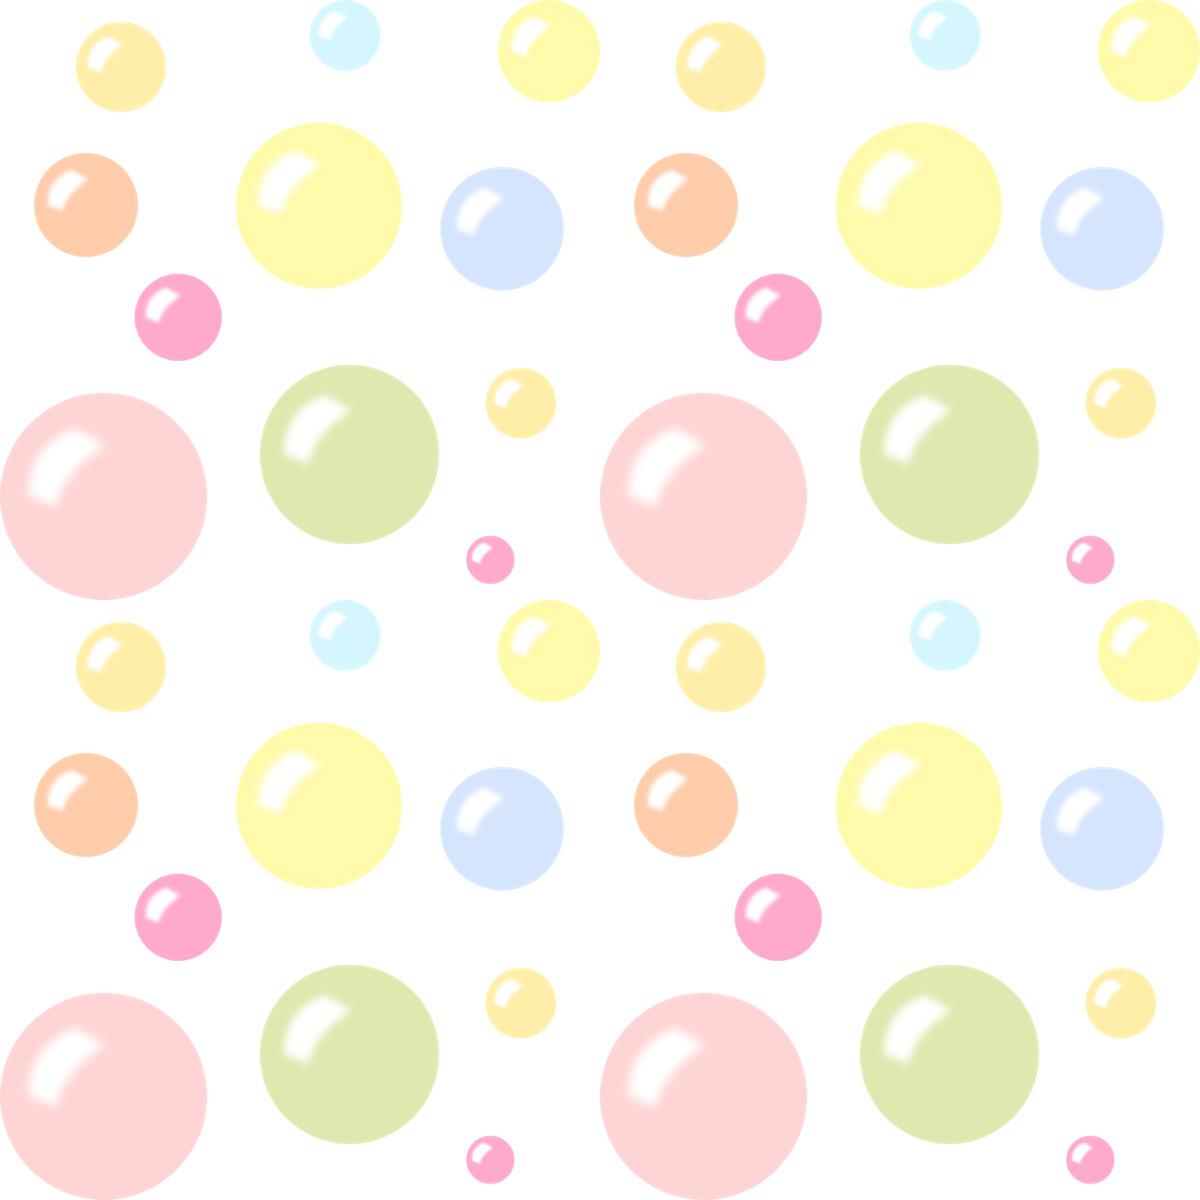 Free Digital Bubbles Scrapbooking Paper